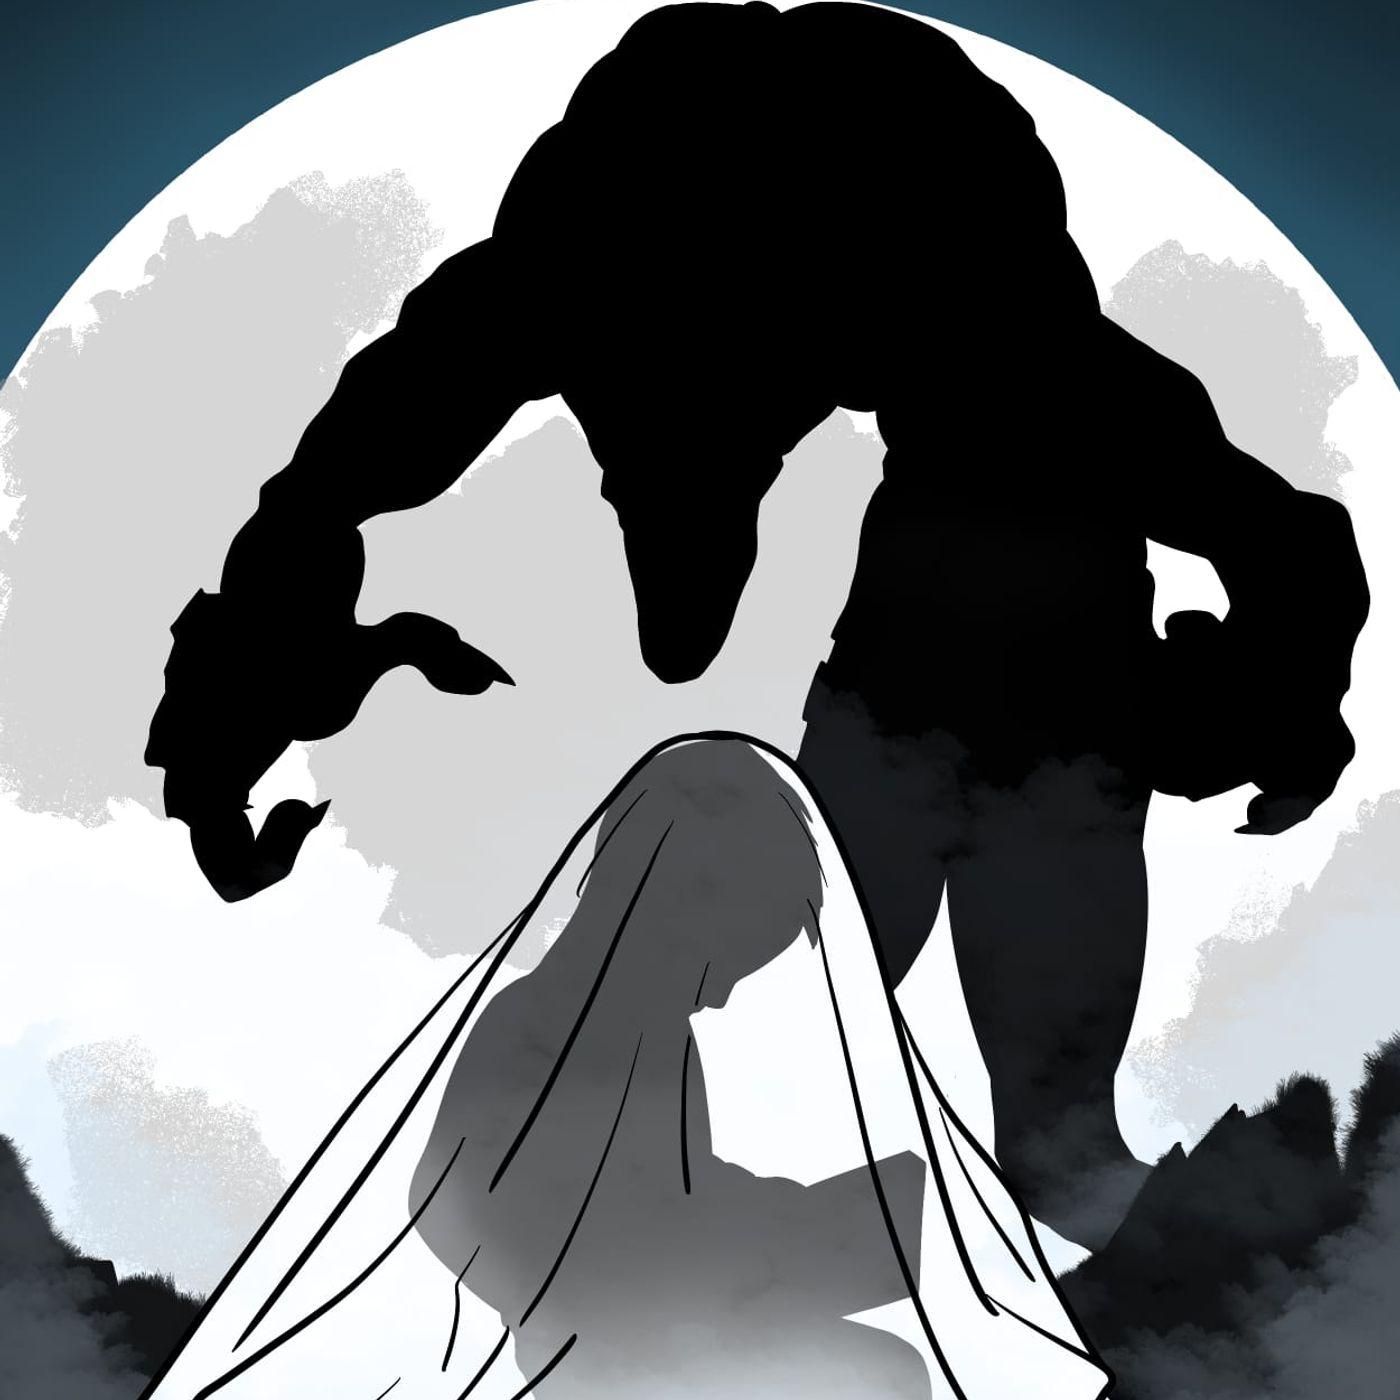 01x20- Trastornos del sueño: La parálisis del sueño y los terrores nocturnos